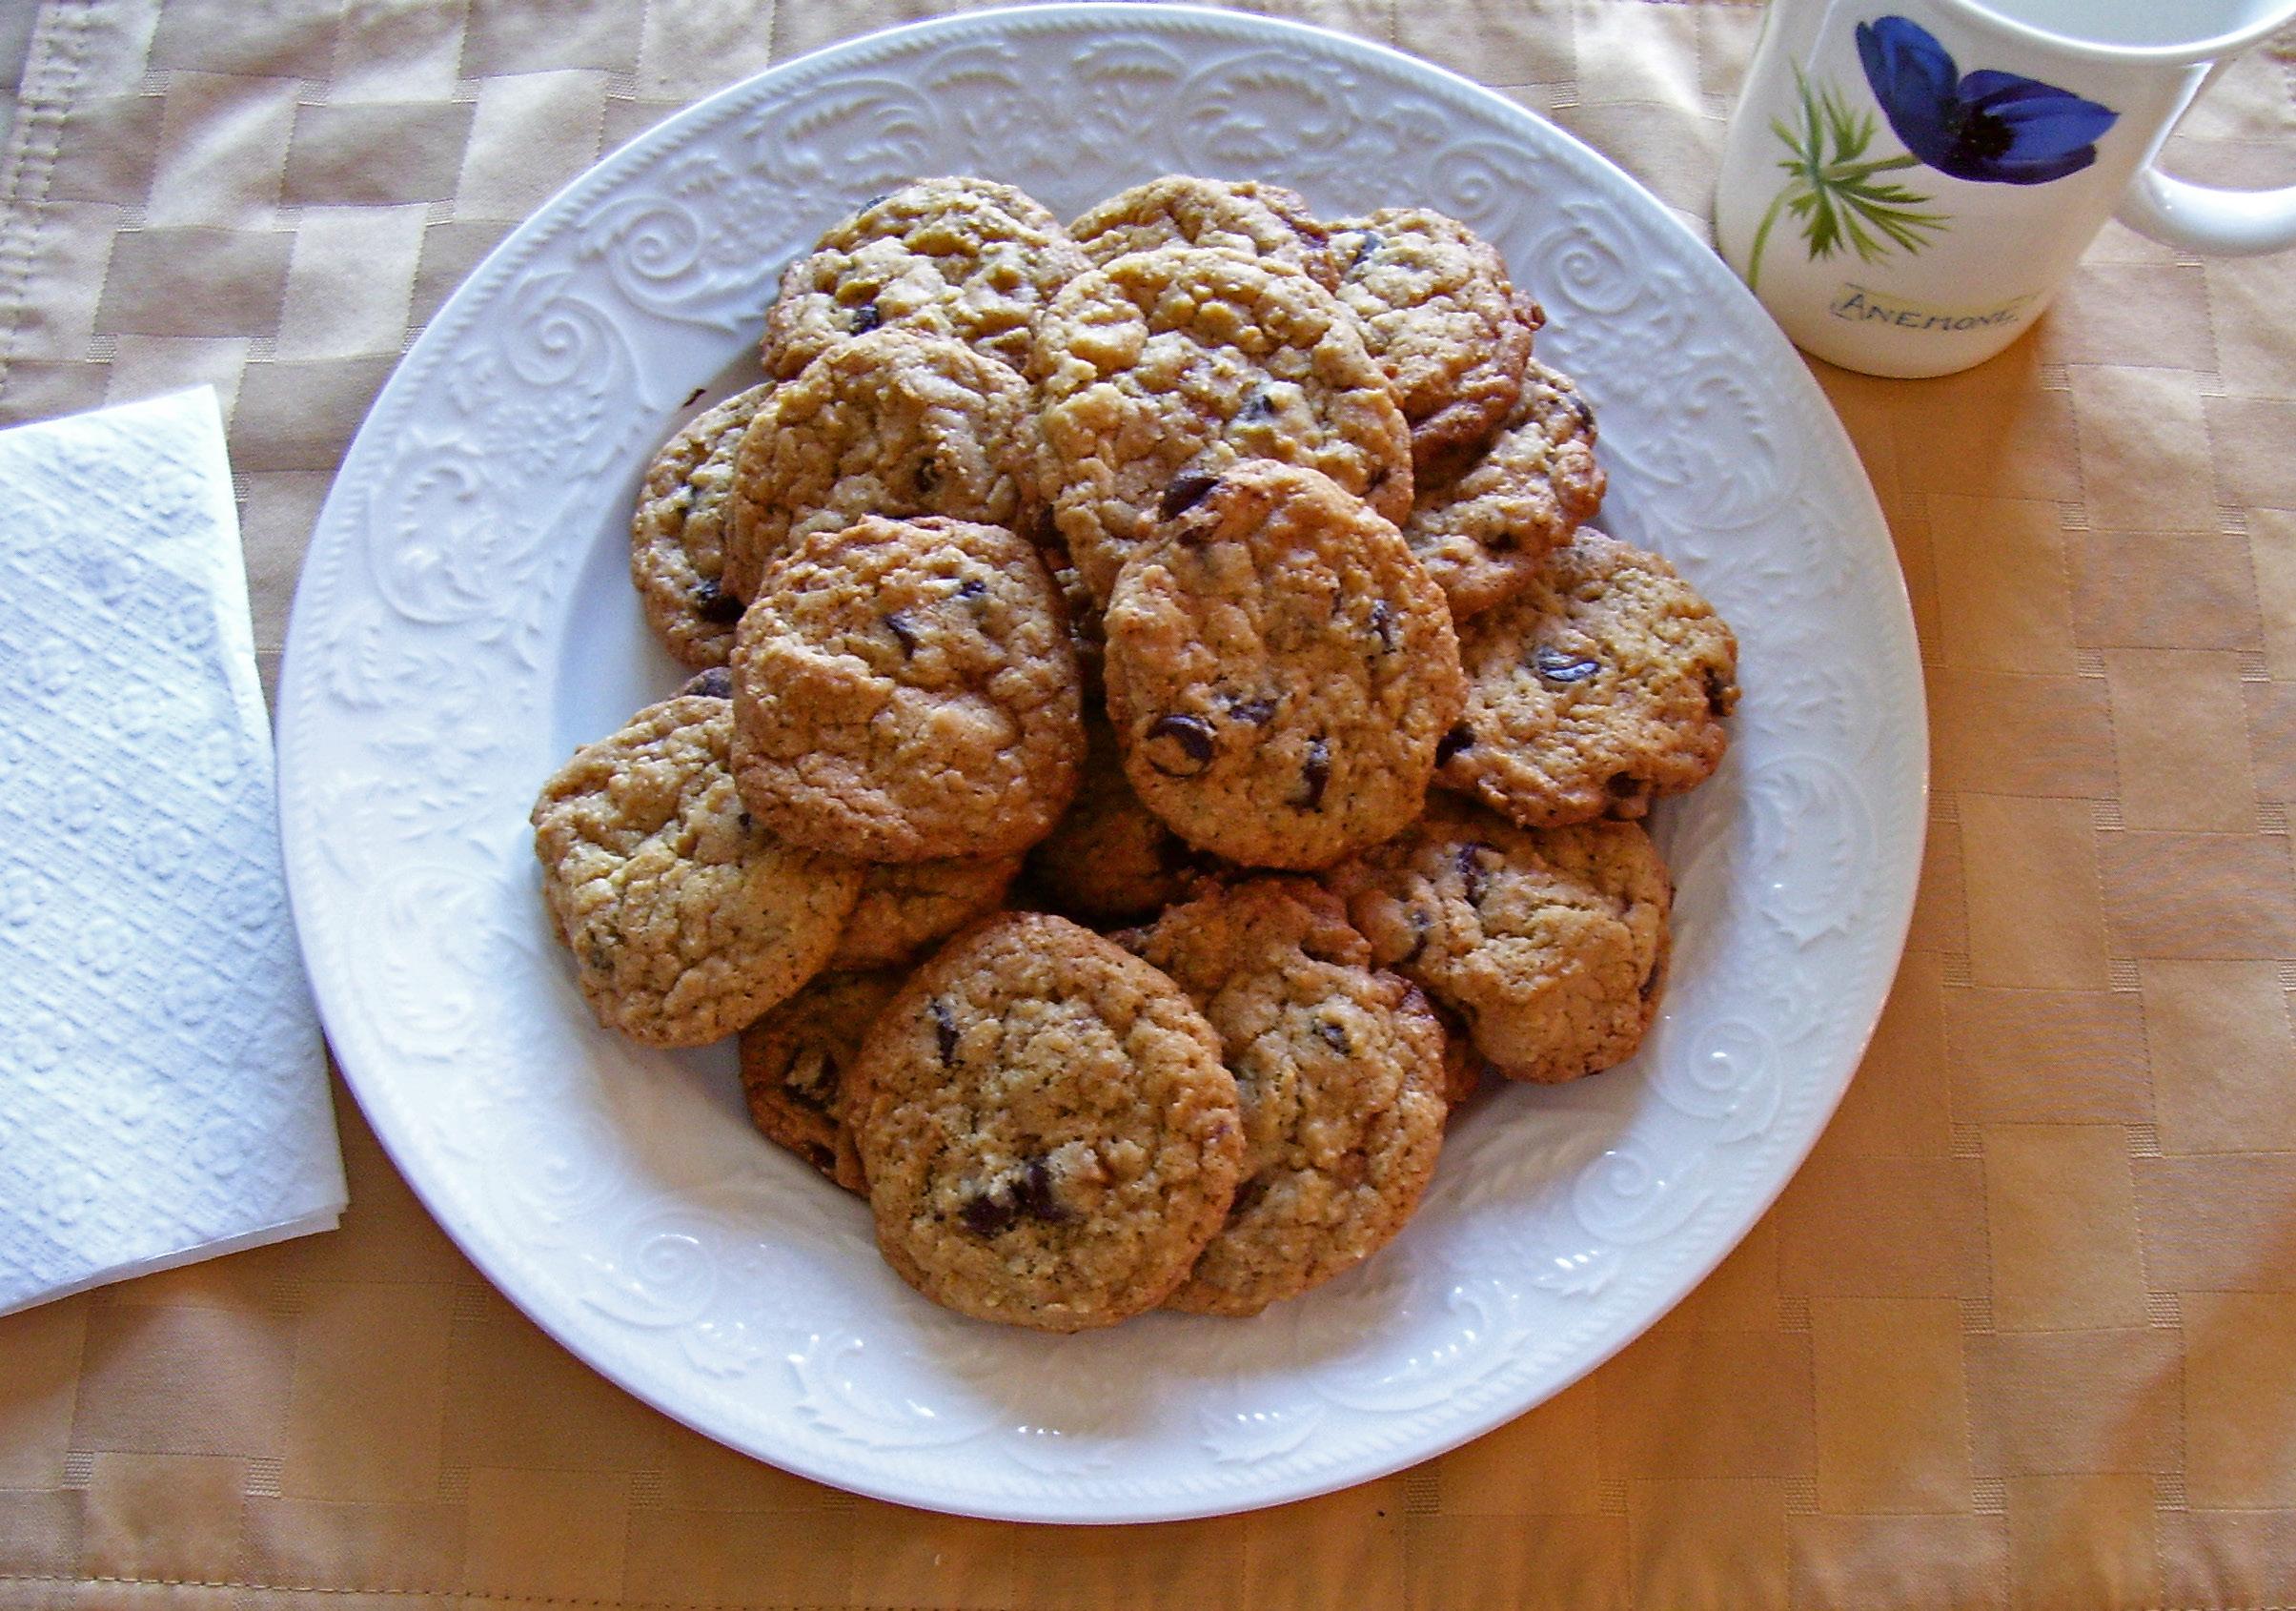 Chocolate Chip Skor Cookies